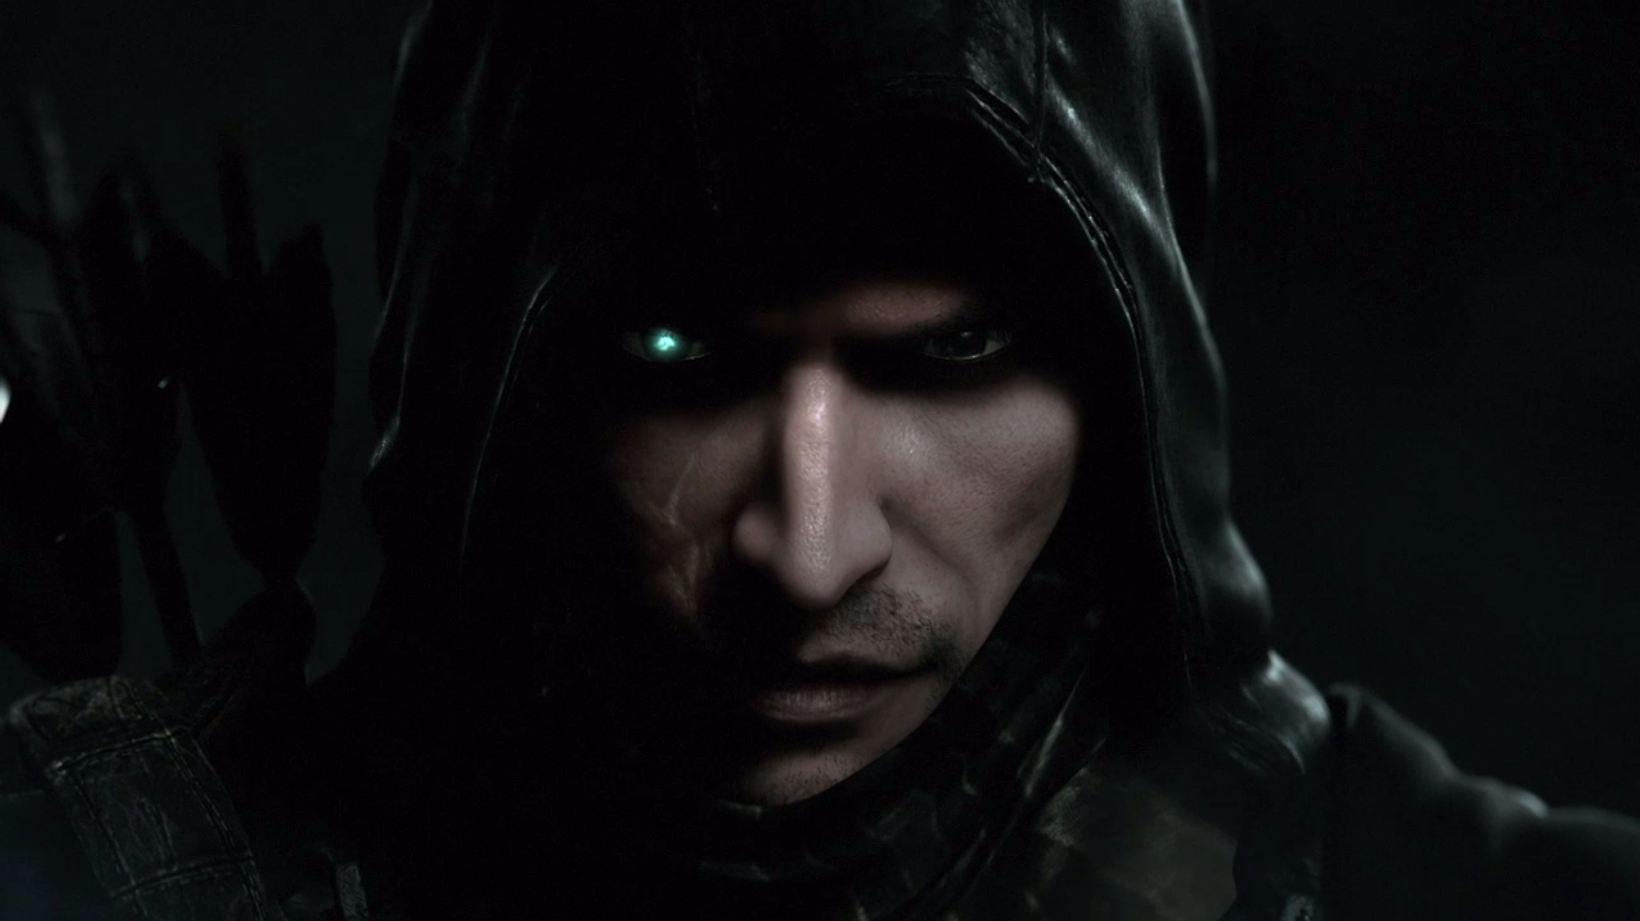 2013年はスタジオの再編とレイオフを進めたスクエニ。2014年第一弾となった大型タイトル『Thief』は、予想を下回る低い評価で海外メディアから迎えられた。